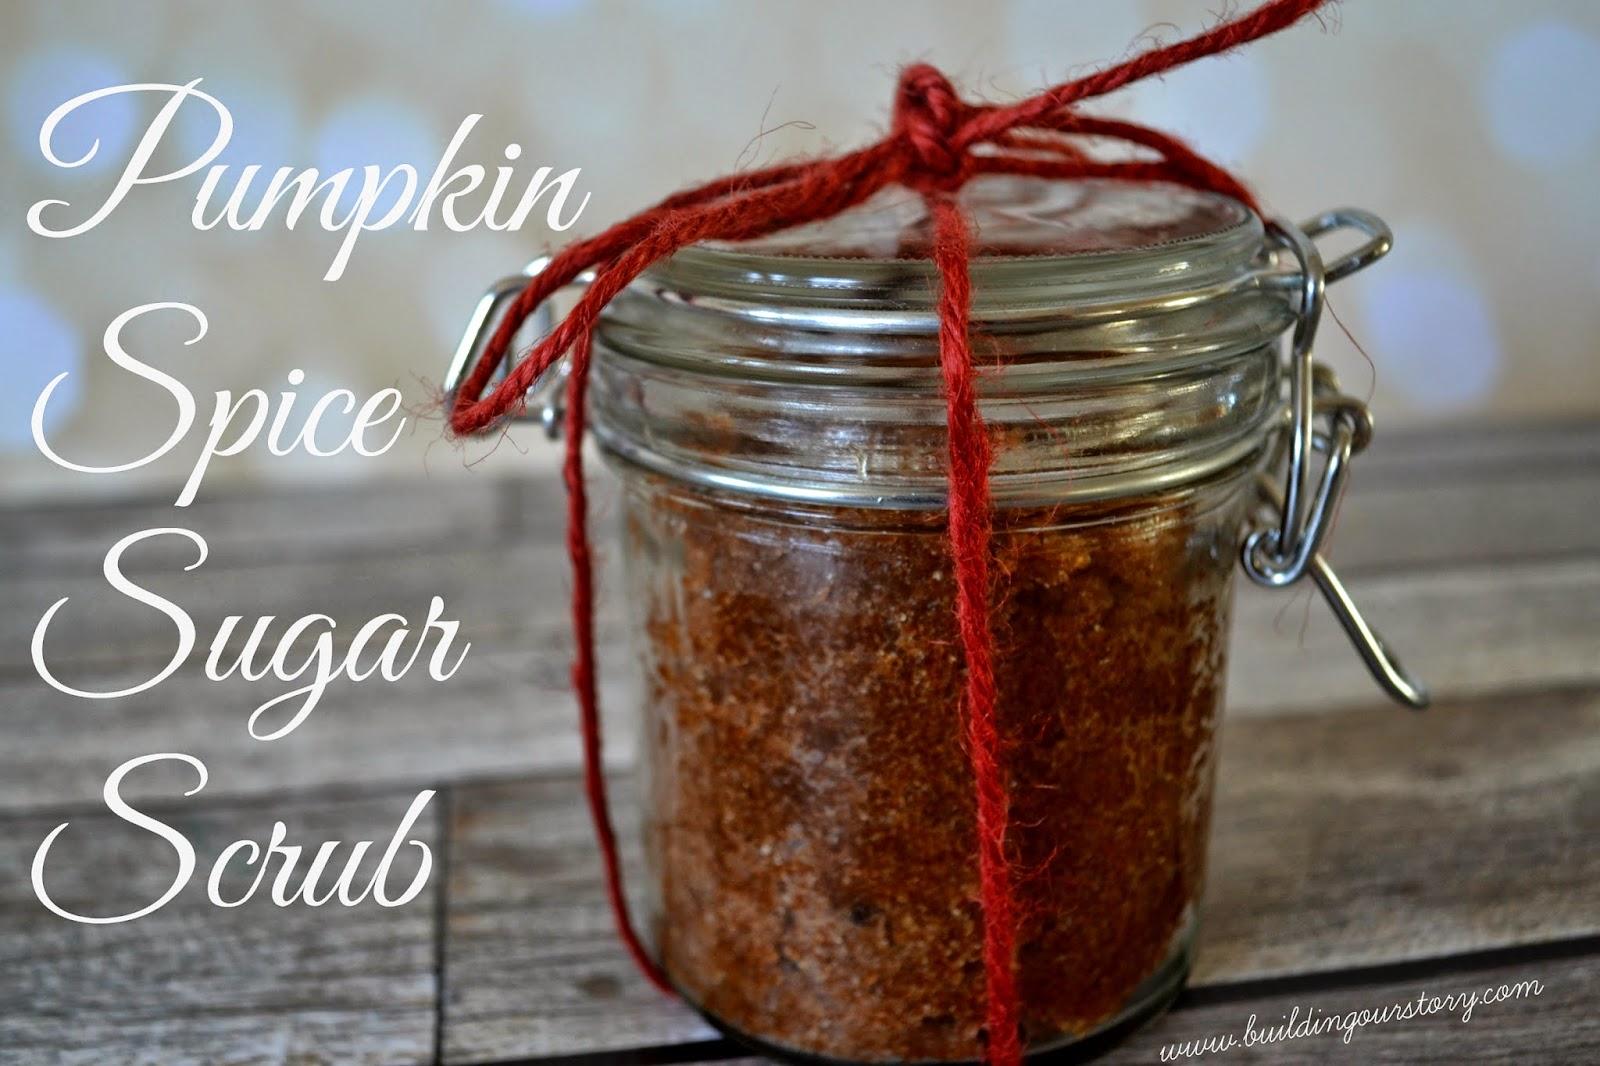 Pumpkin Spice Sugar Scrub #DIY.  Sugar Scrub recipe.  DIY gifts.  Teacher gifts.  Spice Sugar Scrub.  Sugar bath scrub. Pumpkin Sugar Scrub recipes. Easy Sugar Scrub recipes.